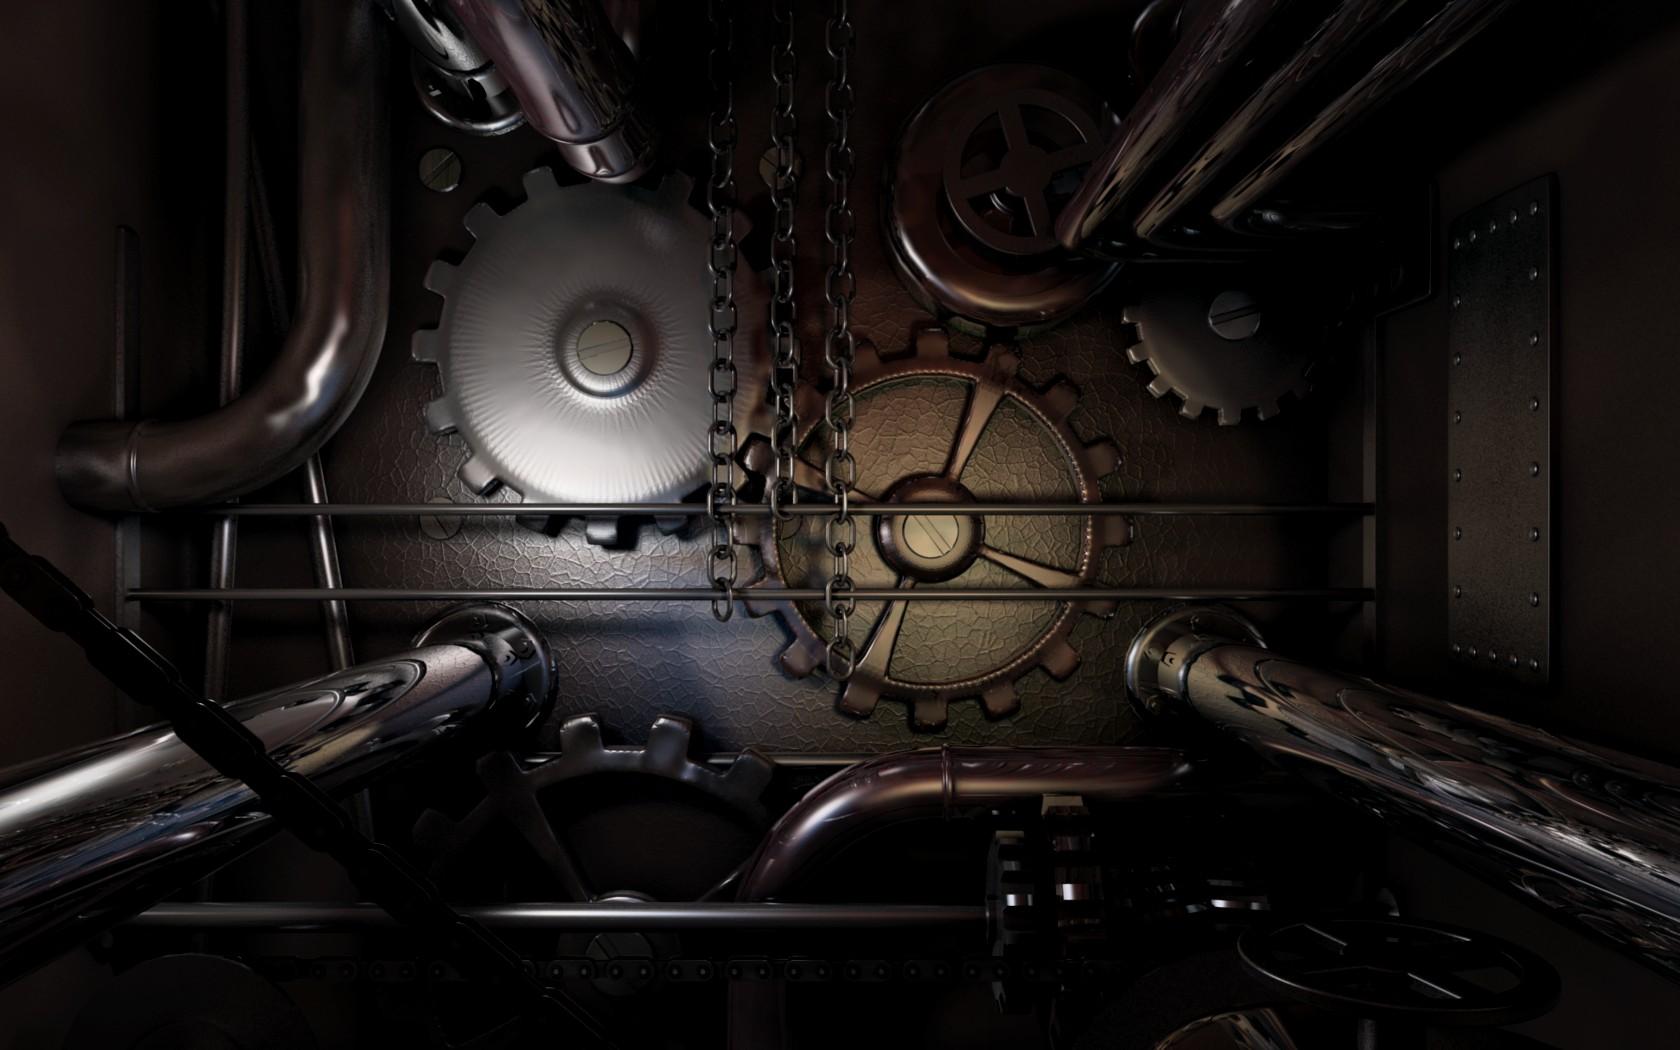 Dark Steampunk by ark4n on DeviantArt